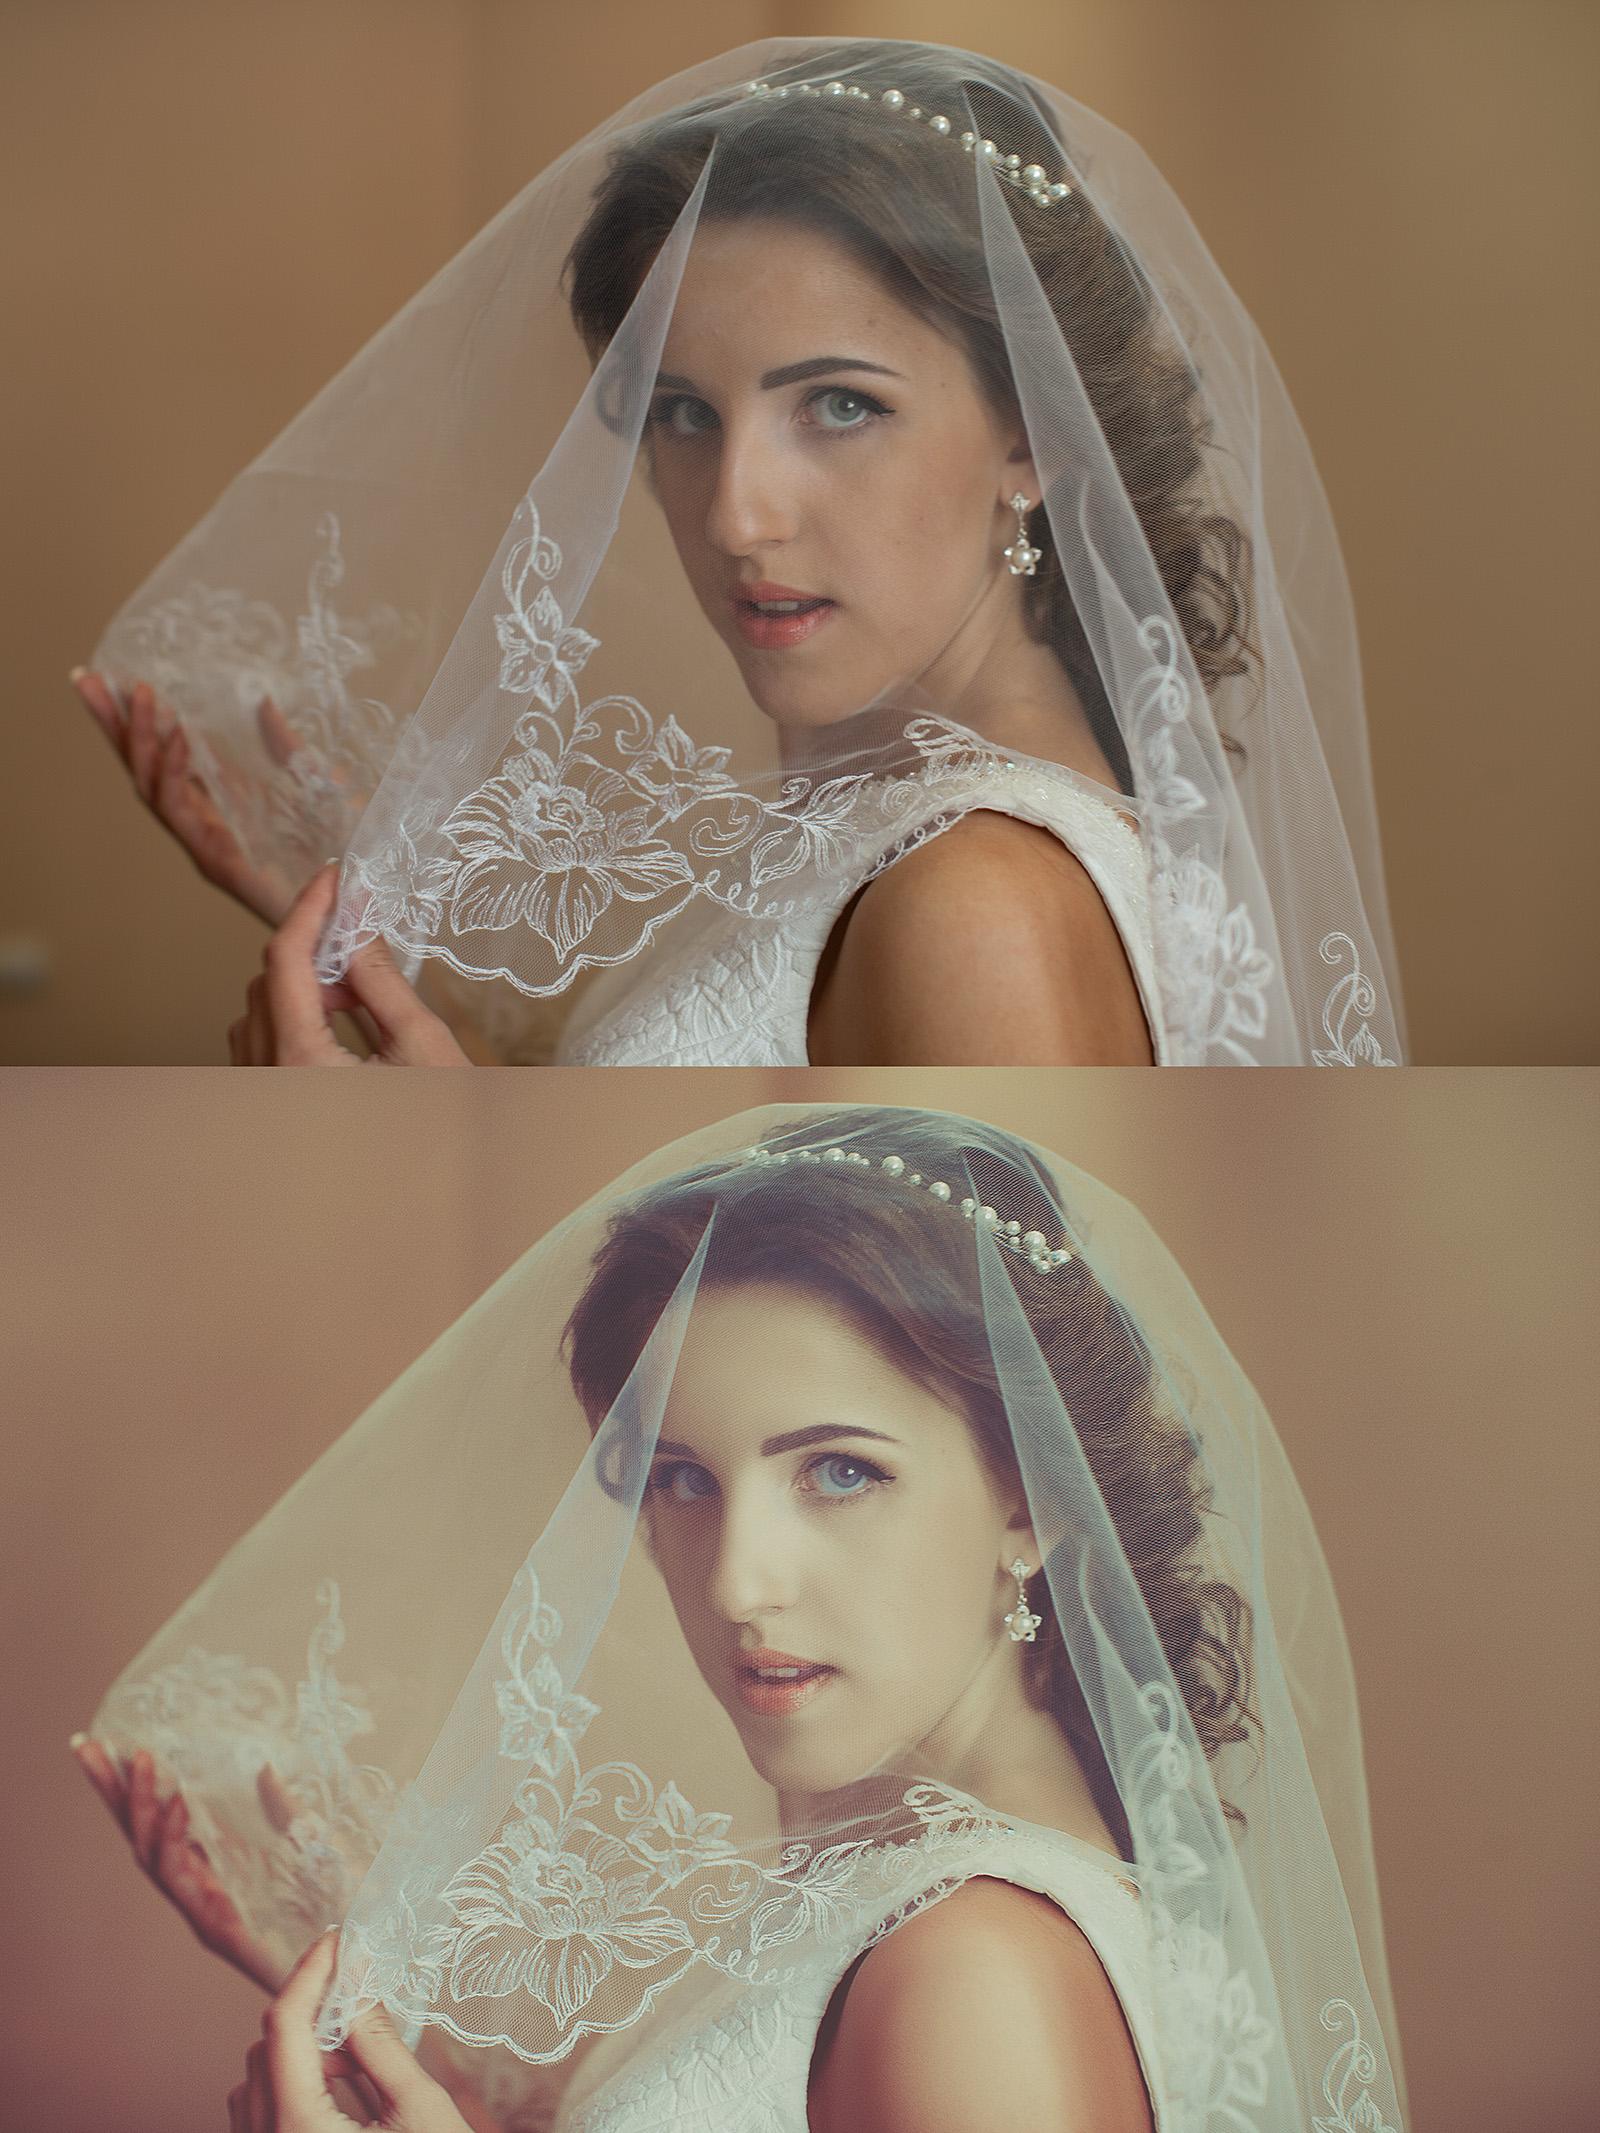 Женский портрет. Фотография, цветокоррекция, ретушь.